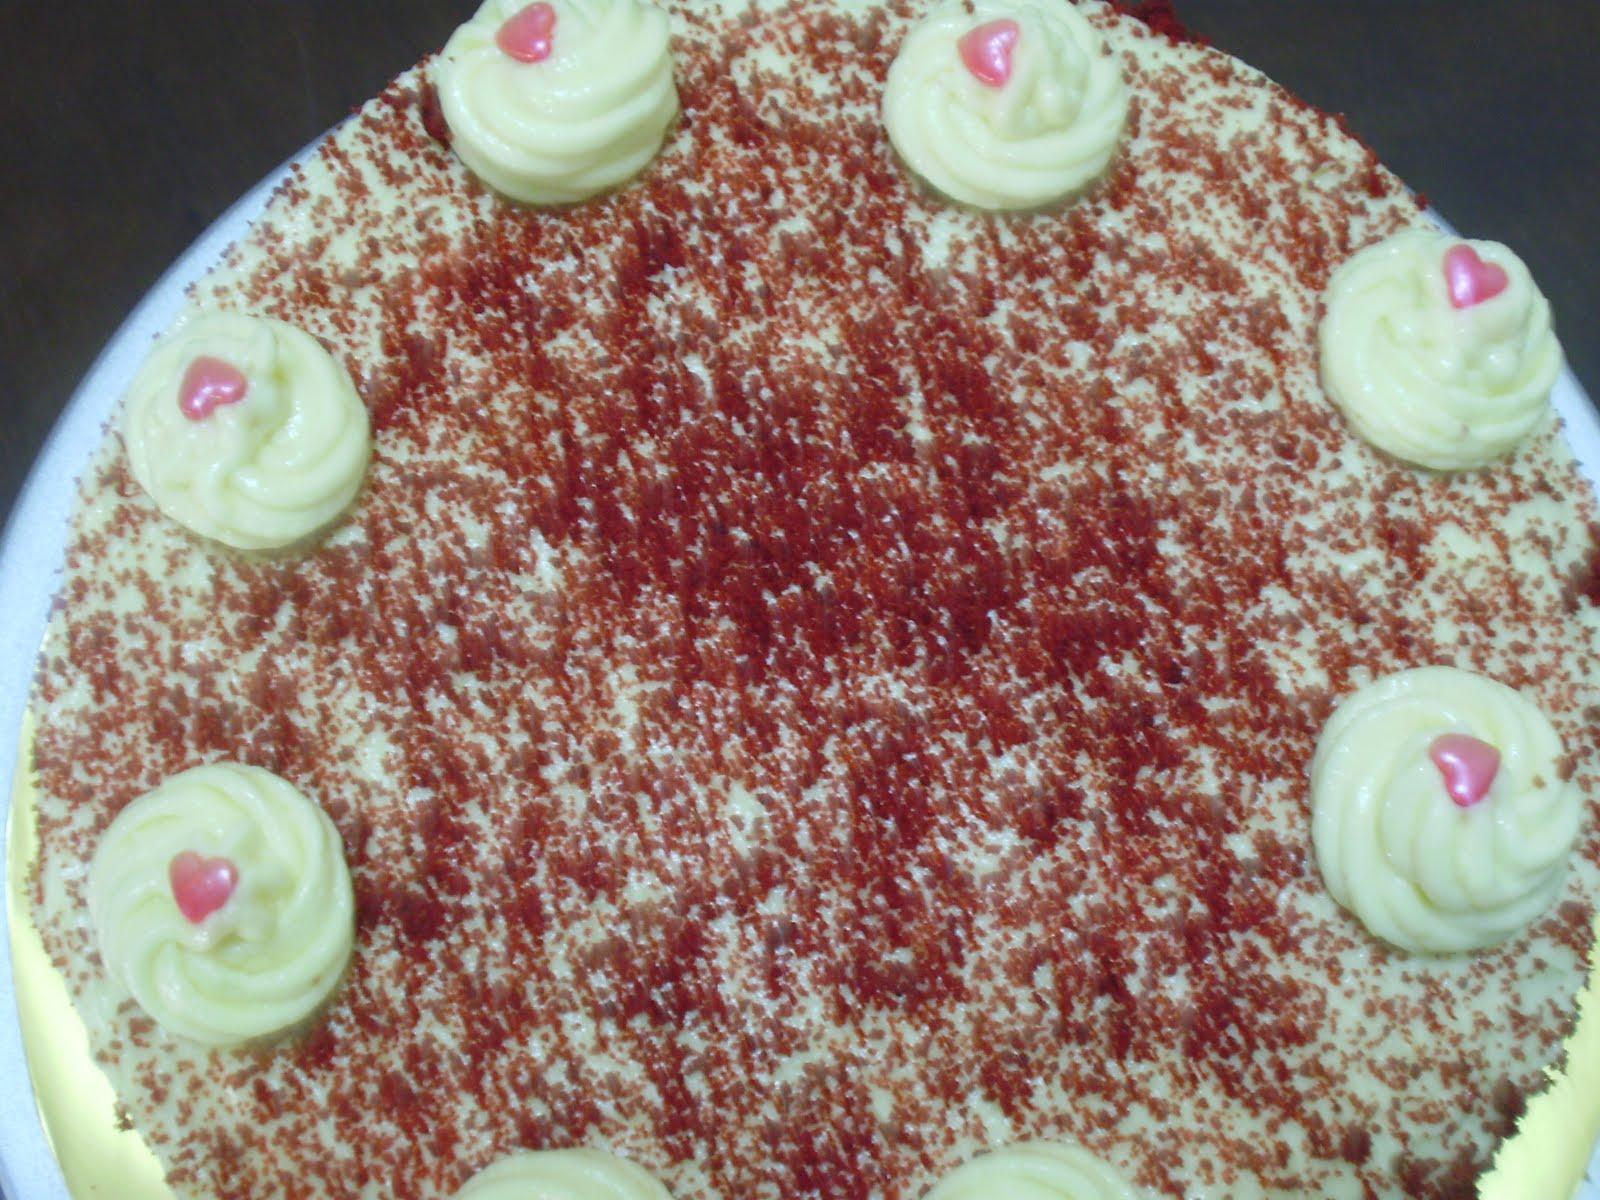 KELAS RED VELVET CAKE